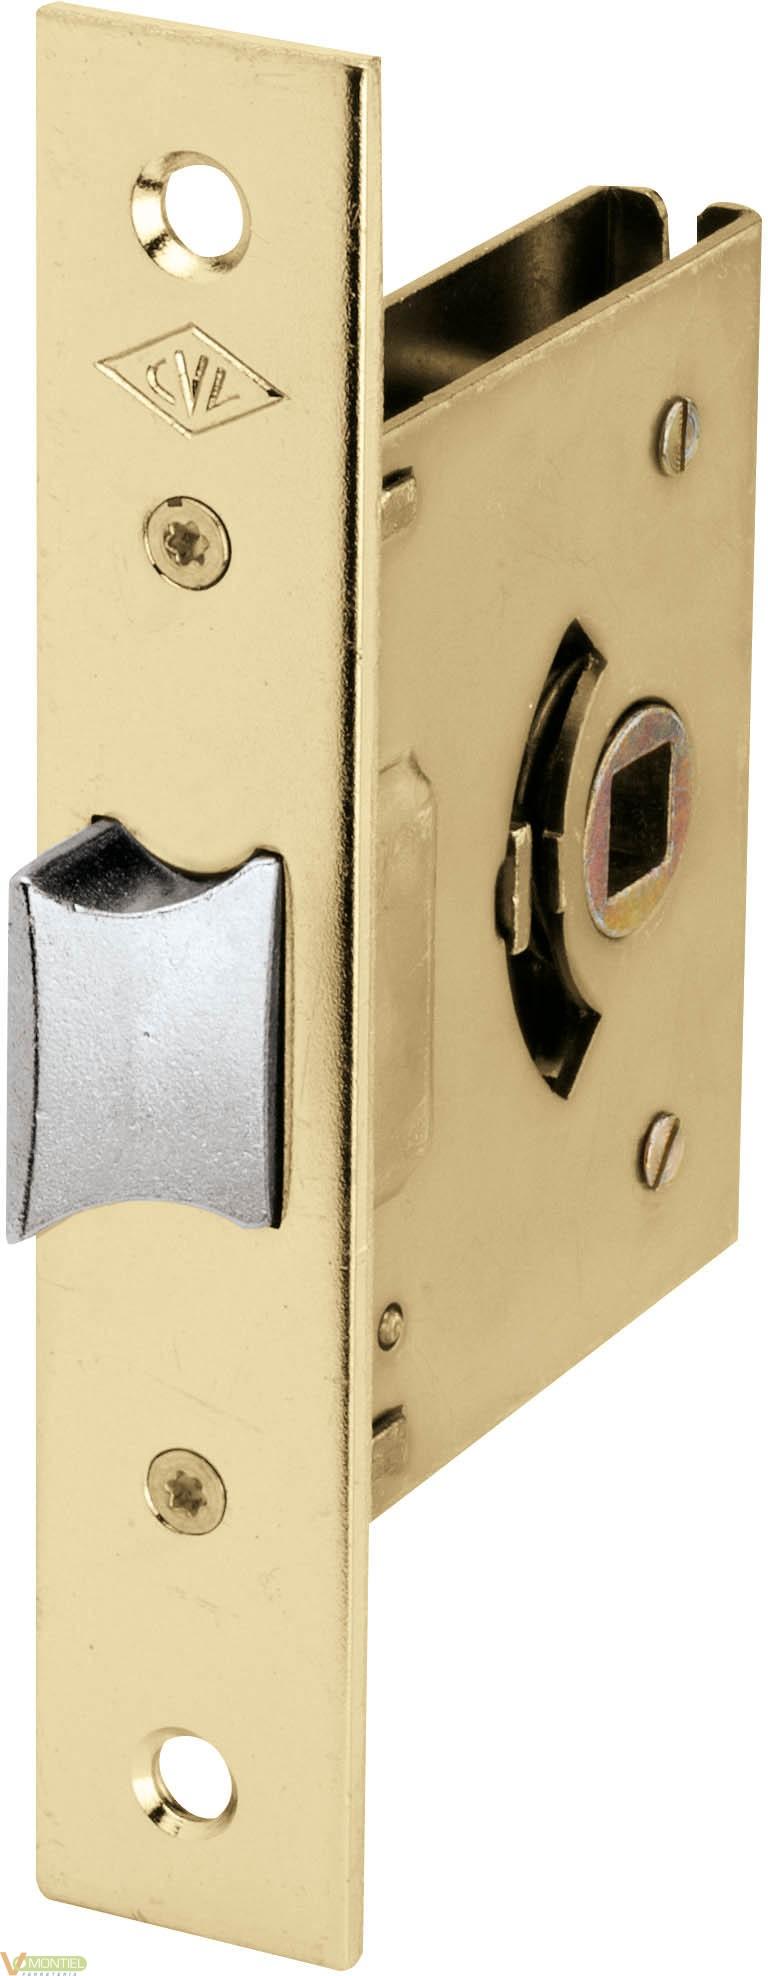 Picaporte pta 22x30mm 249r50/2-0